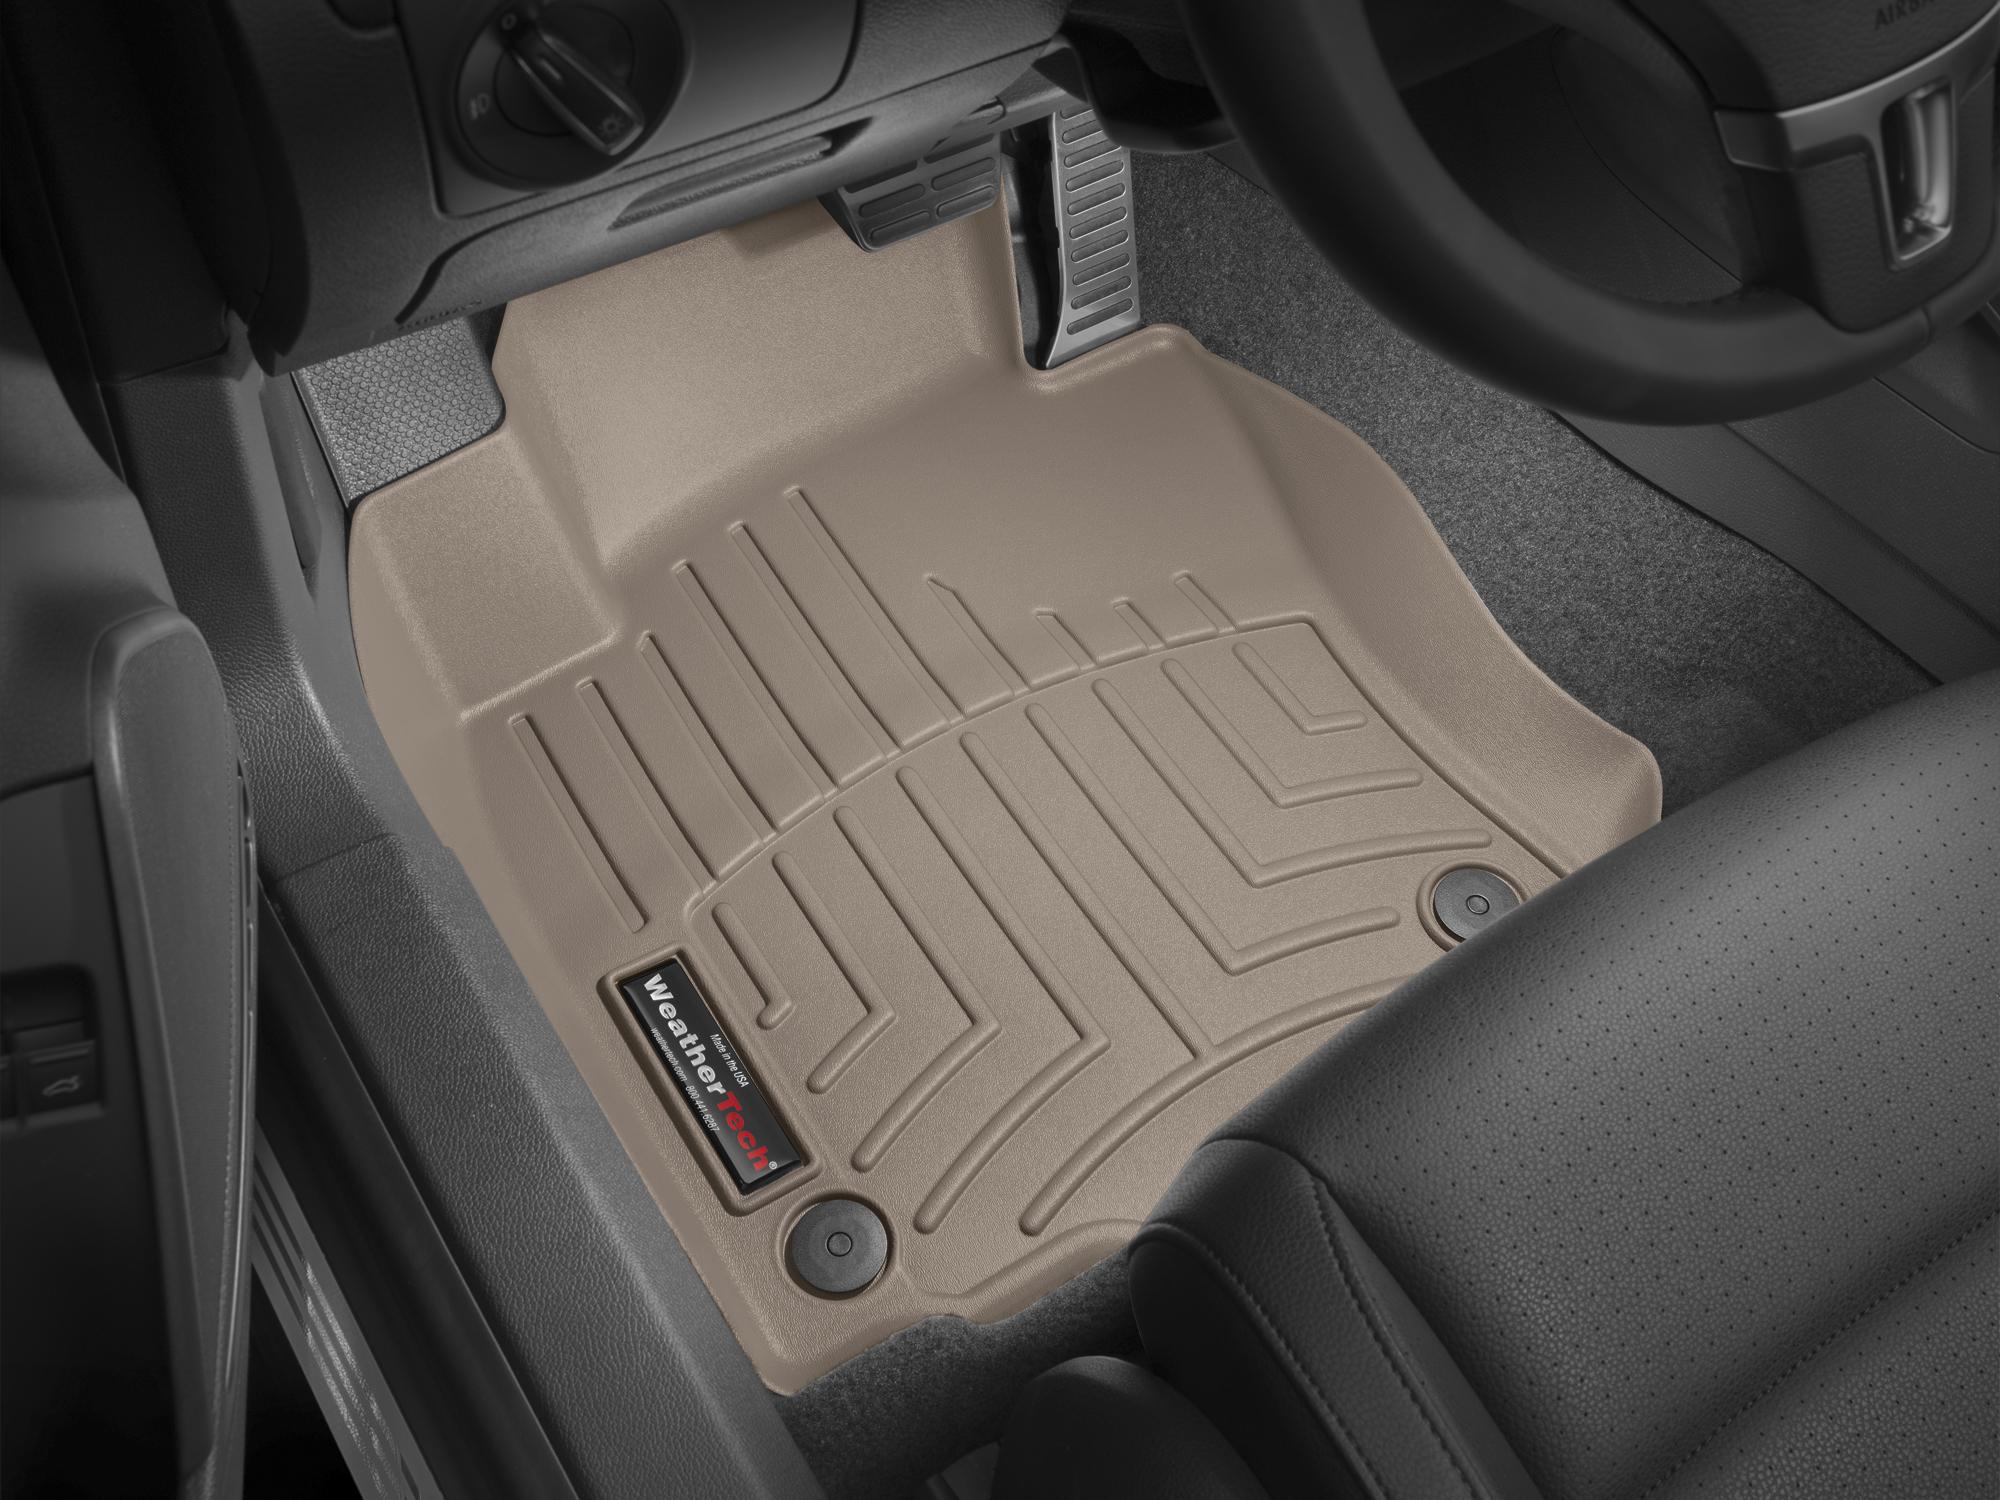 Tappeti gomma su misura bordo alto Volkswagen Golf 12>12 Marrone A4048*